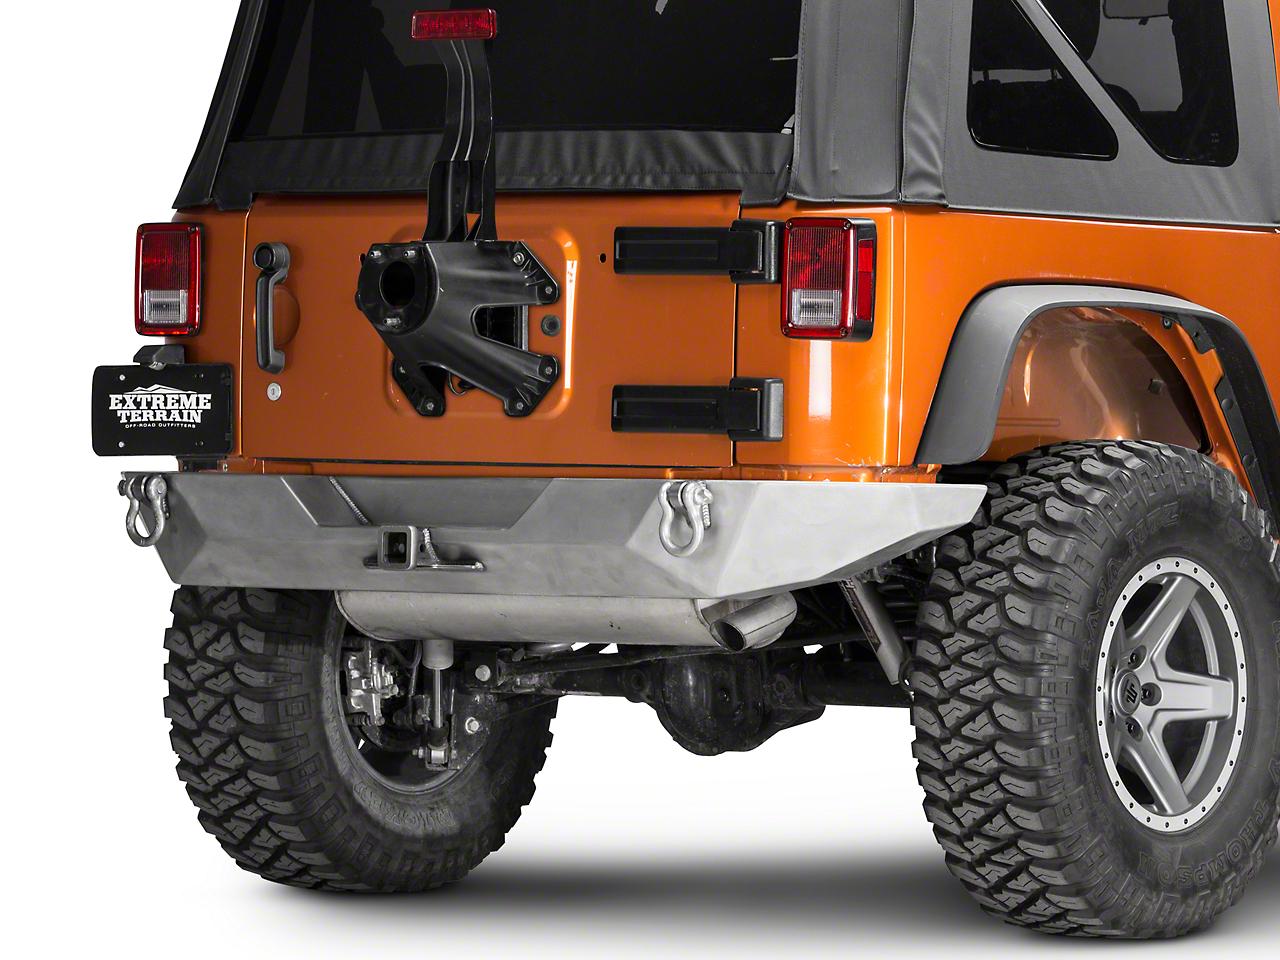 Poison Spyder Brawler Full Width Rear Bumper w/ Hitch - Bare Steel (07-18 Jeep Wrangler JK)